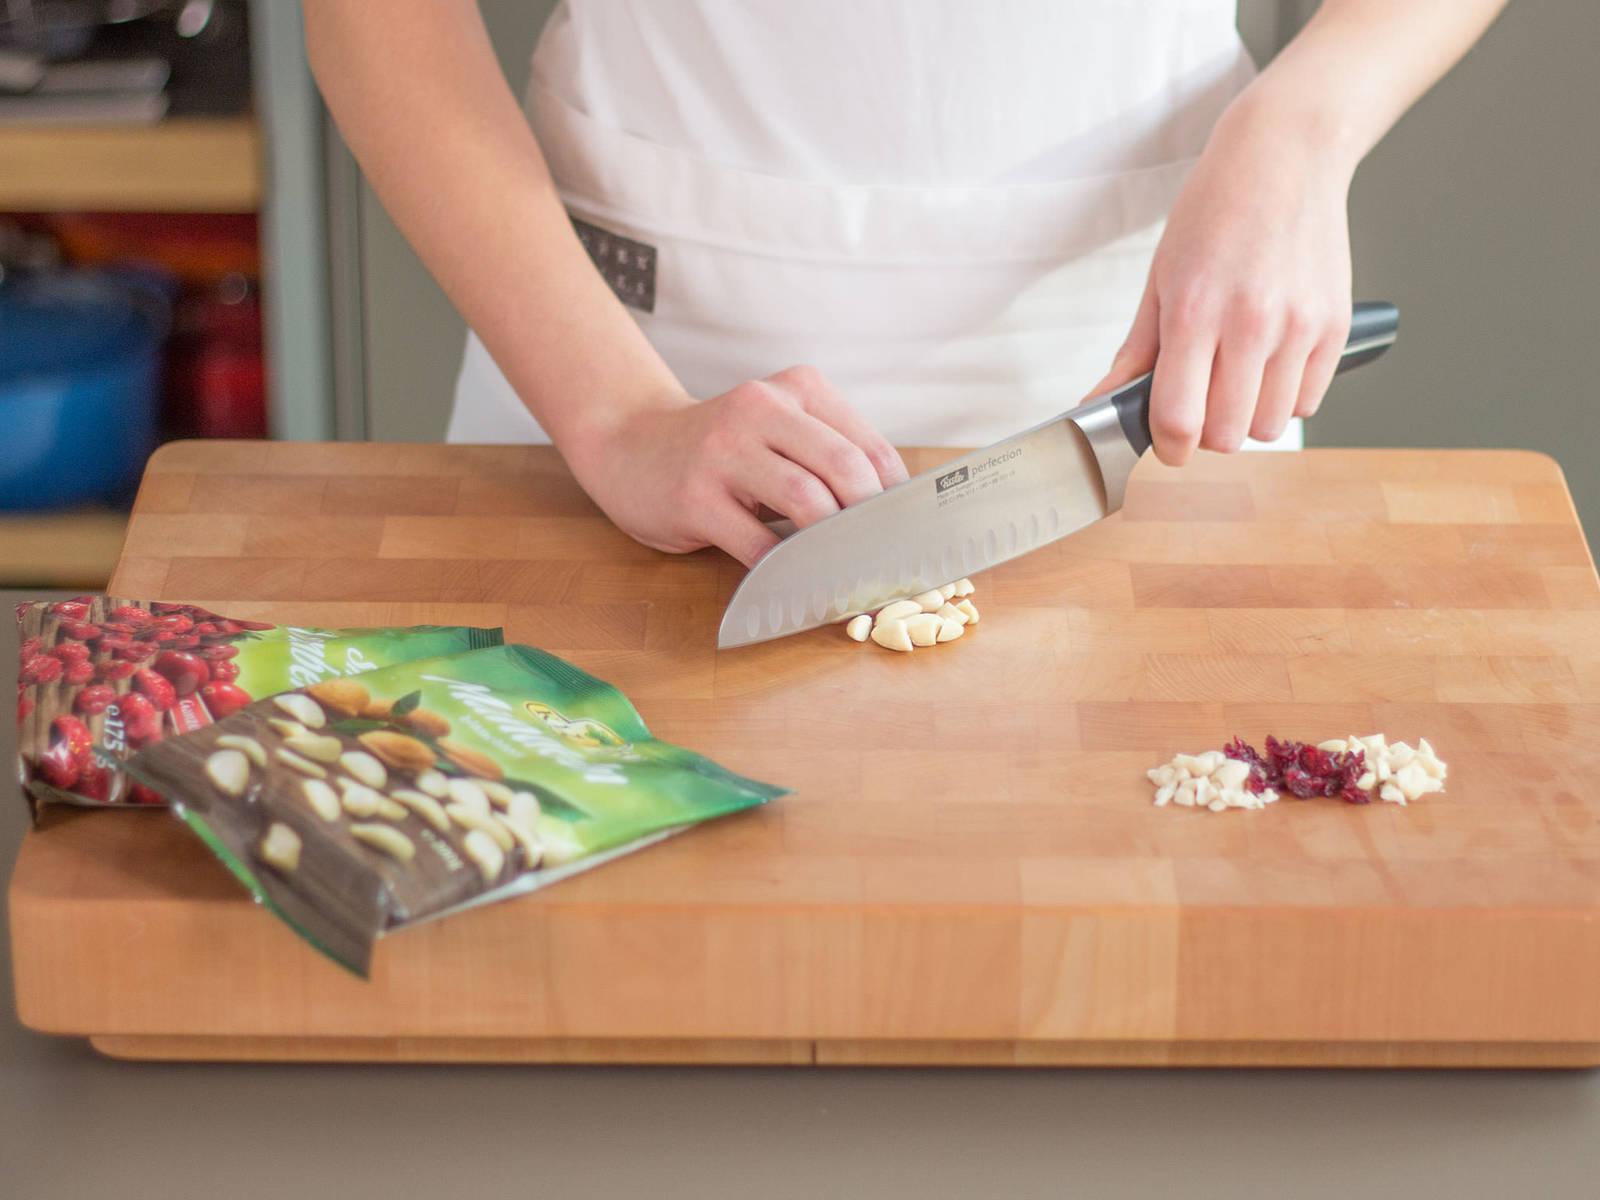 Backofen auf 180°C vorheizen. Cranberrys, Mandeln und Erdnüsse grob hacken.